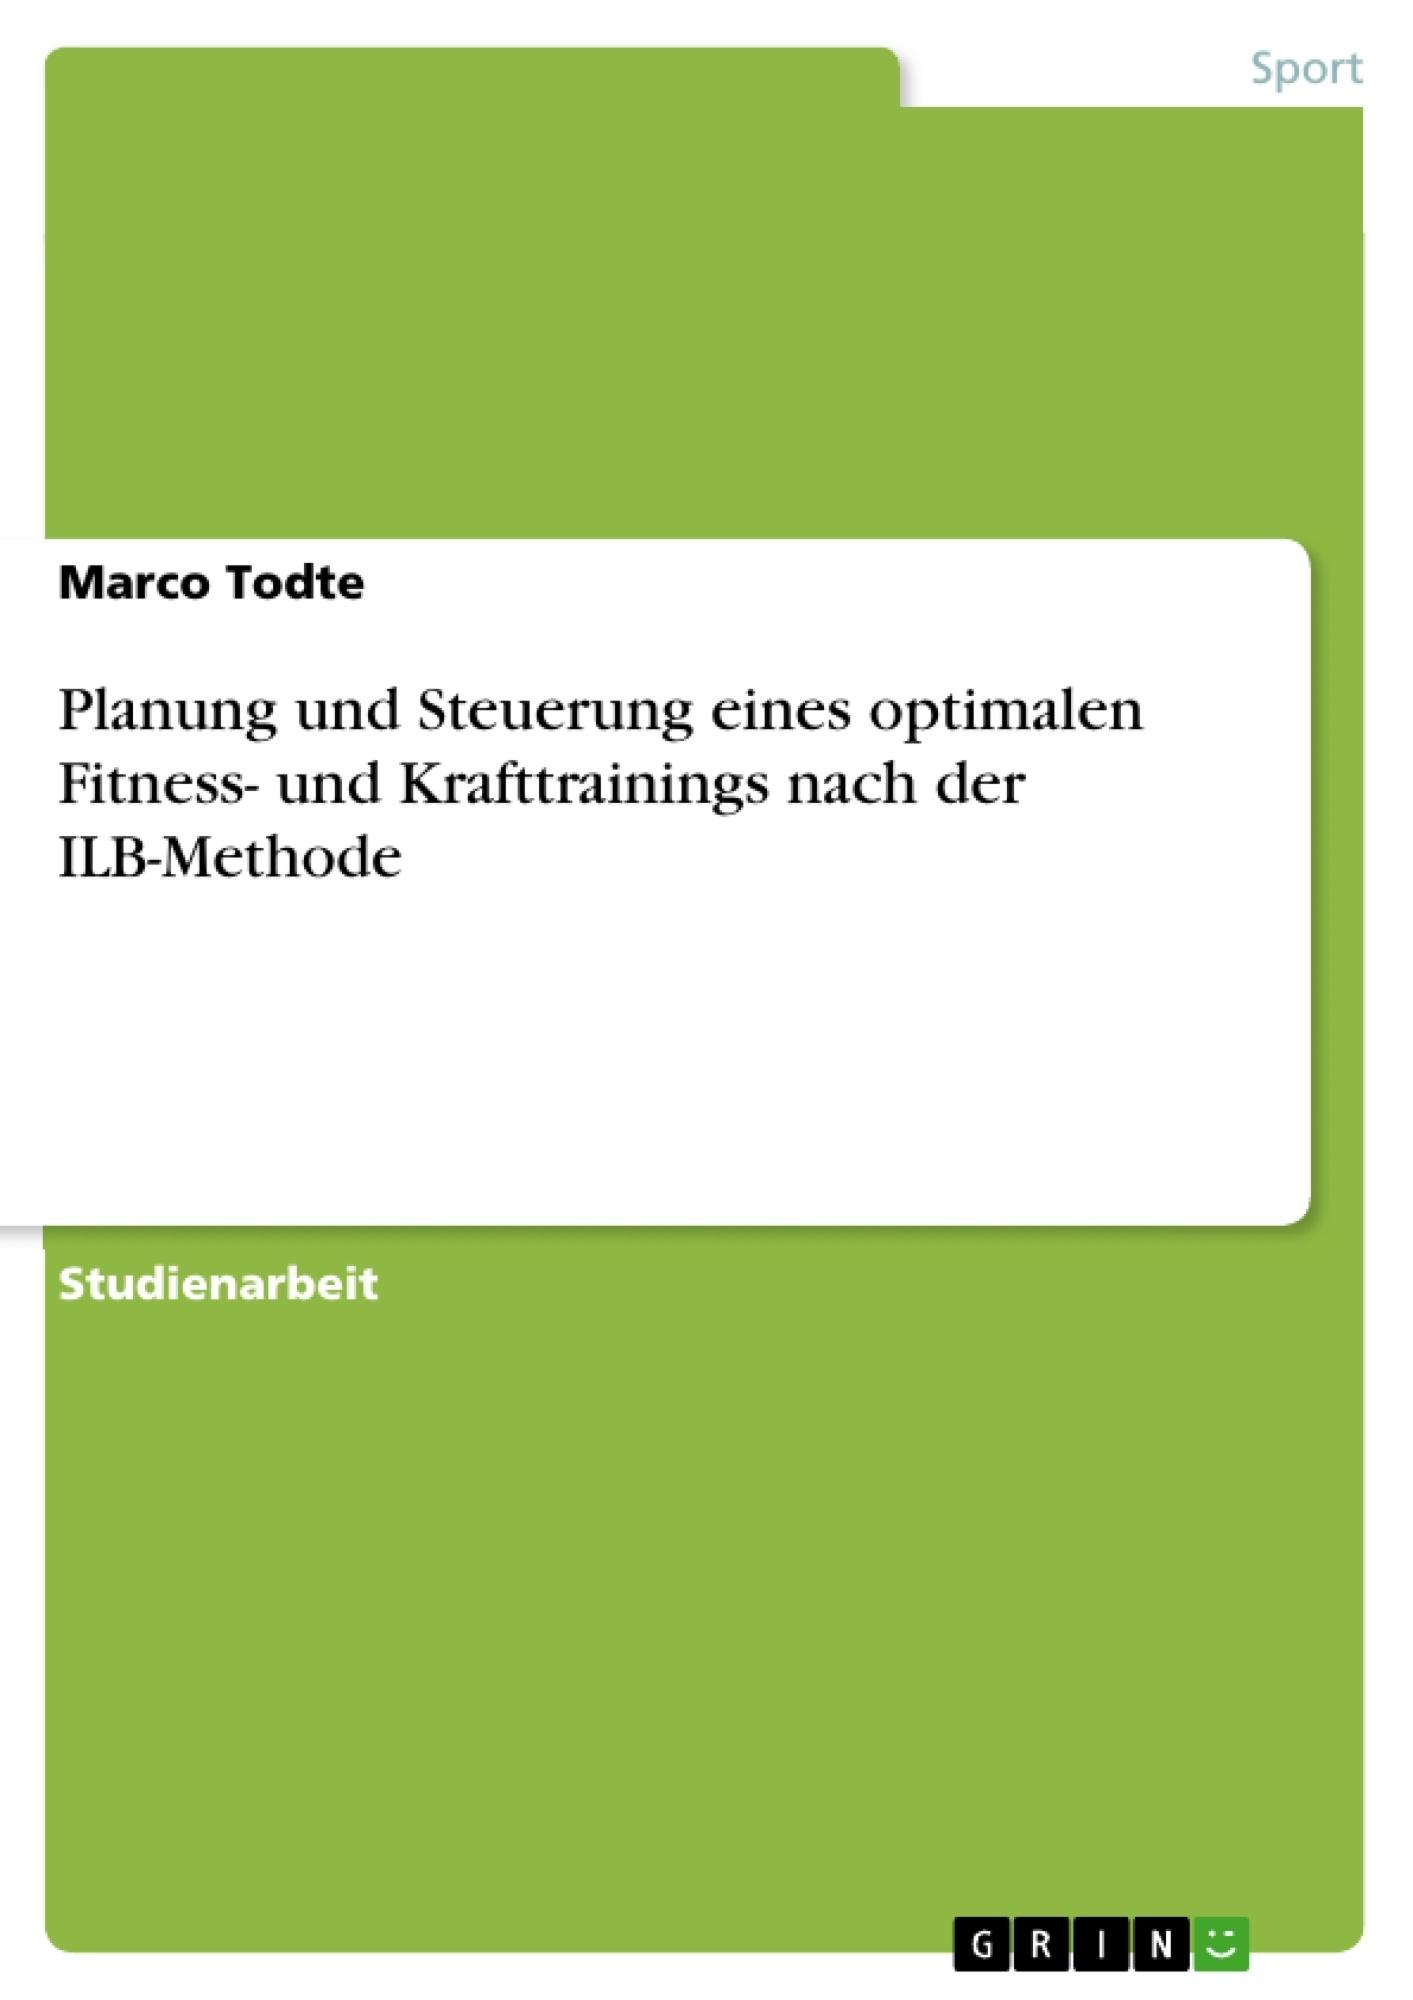 Titel: Planung und Steuerung eines optimalen Fitness- und Krafttrainings nach der ILB-Methode